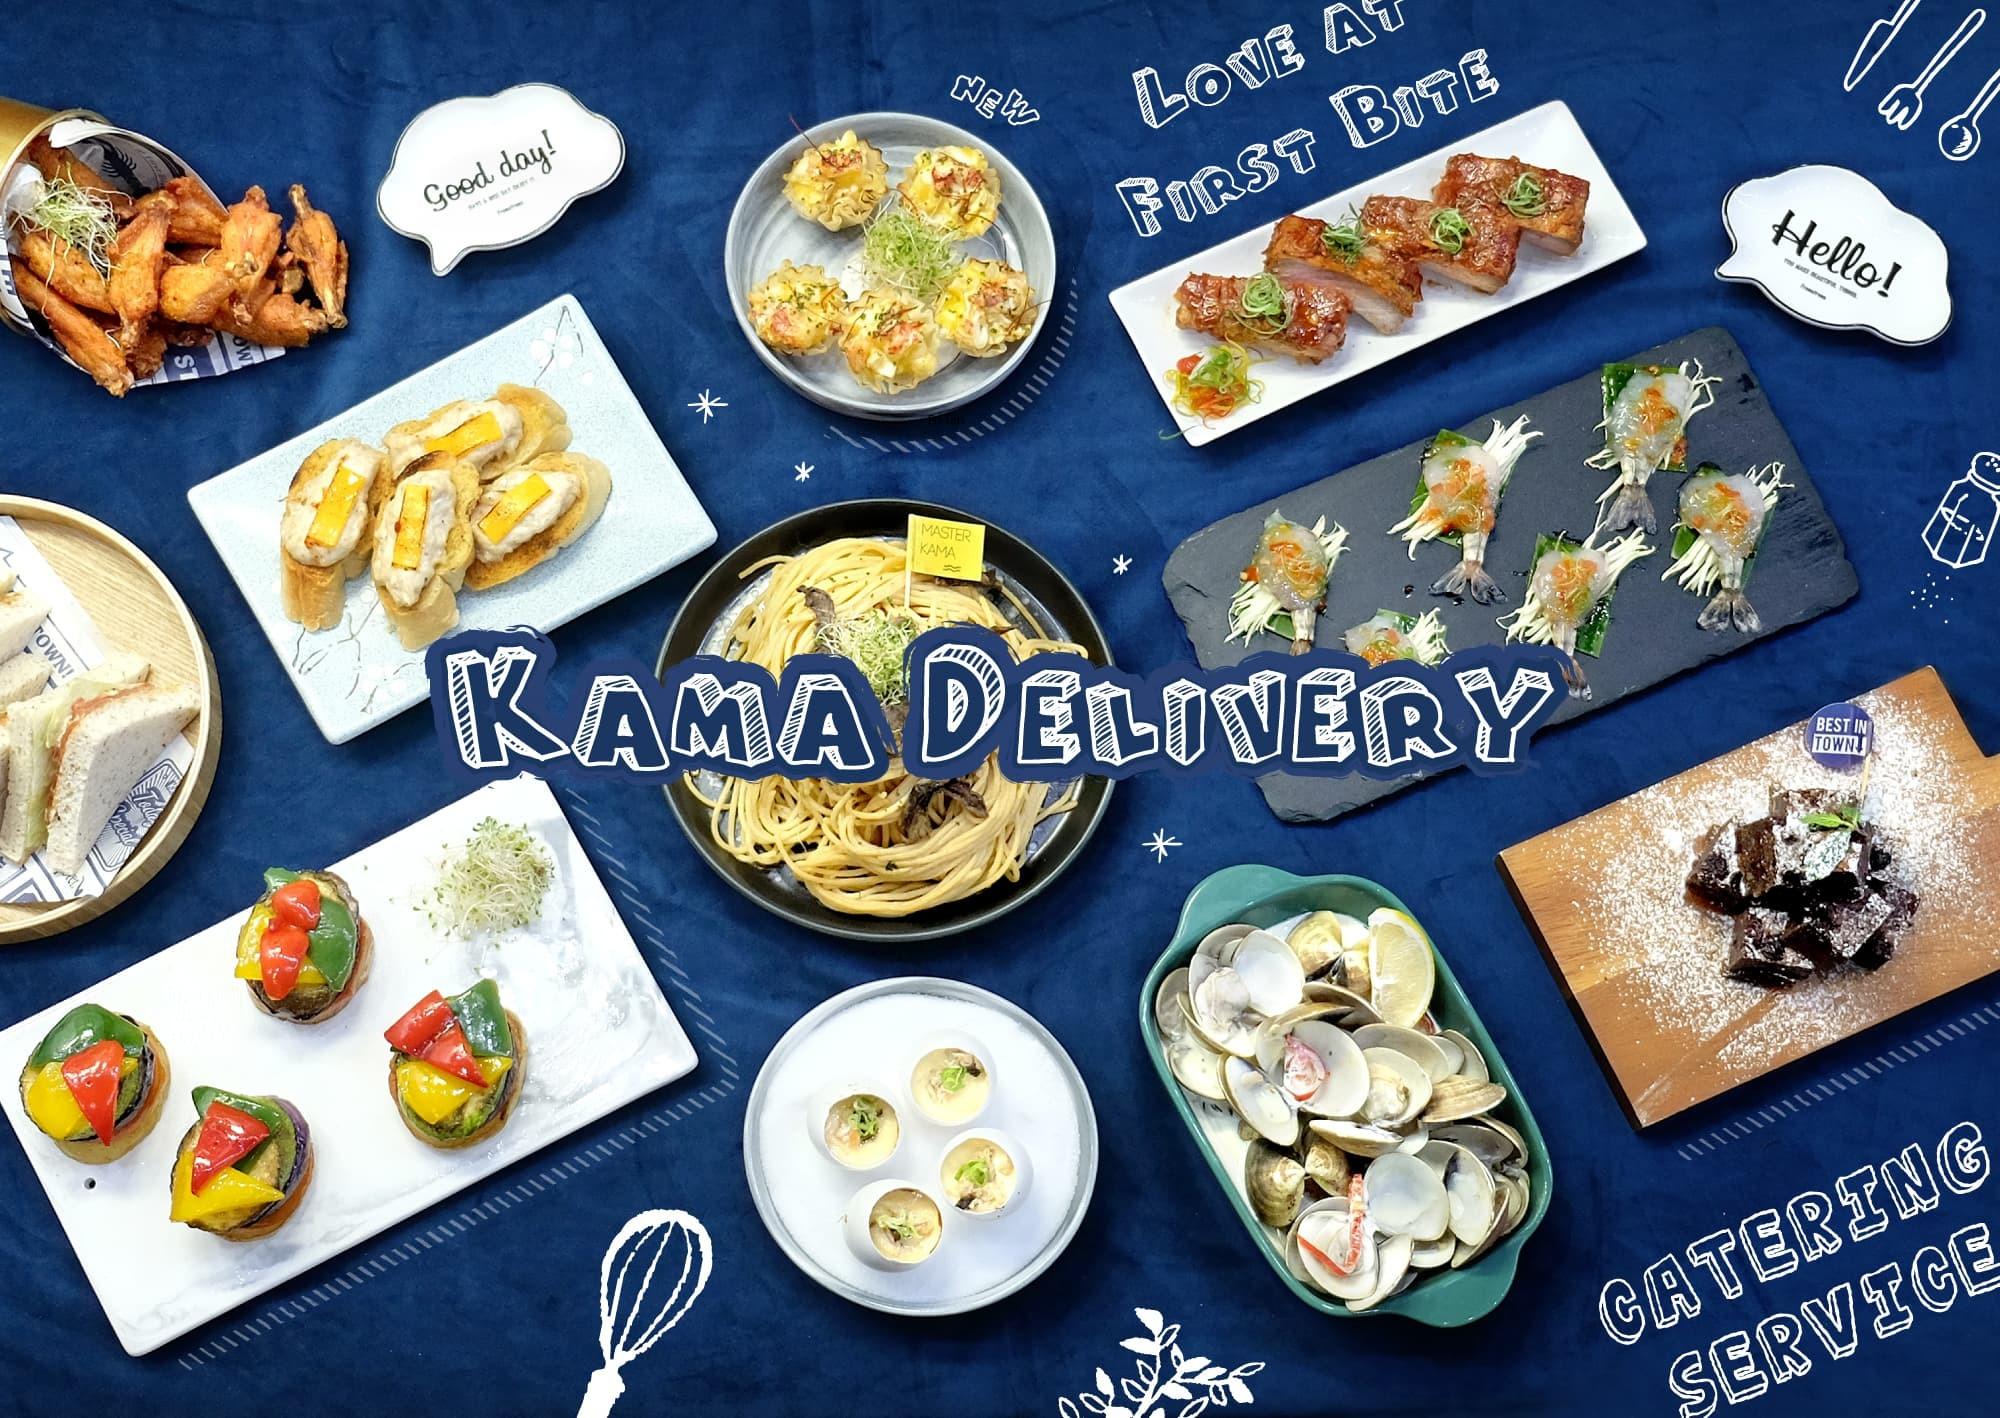 石塘咀到會外賣推介|Kama Delivery提供沙律、小食、肉類、海鮮、飯類、意粉及甜品等單點直送食物,歡迎於網上瀏覽餐牌及預訂!